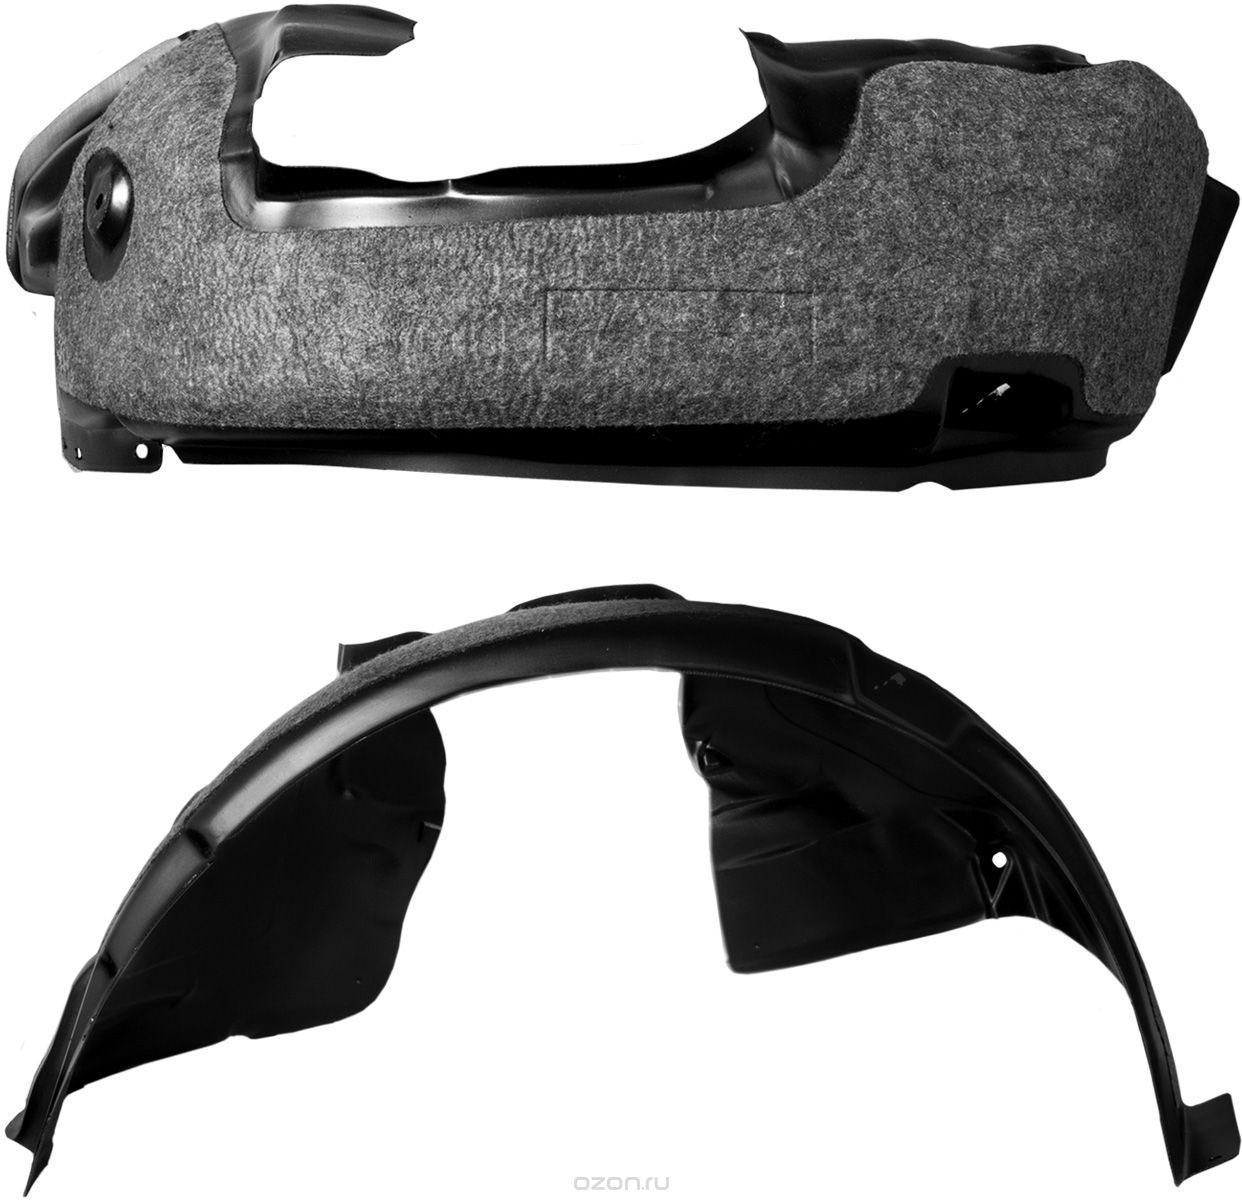 Подкрылок Novline-Autofamily, с шумоизоляцией, для LIFAN Solano, 2016->, седан, передний правыйNLS.73.11.002Идеальная защита колесной ниши. Локеры разработаны с применением цифровых технологий, гарантируют максимальную повторяемость поверхности арки. Изделия устанавливаются без нарушения лакокрасочного покрытия автомобиля, каждый подкрылок комплектуется крепежом. Уважаемые клиенты, обращаем ваше внимание, что фотографии на подкрылки универсальные и не отражают реальную форму изделия. При этом само изделие идет точно под размер указанного автомобиля.